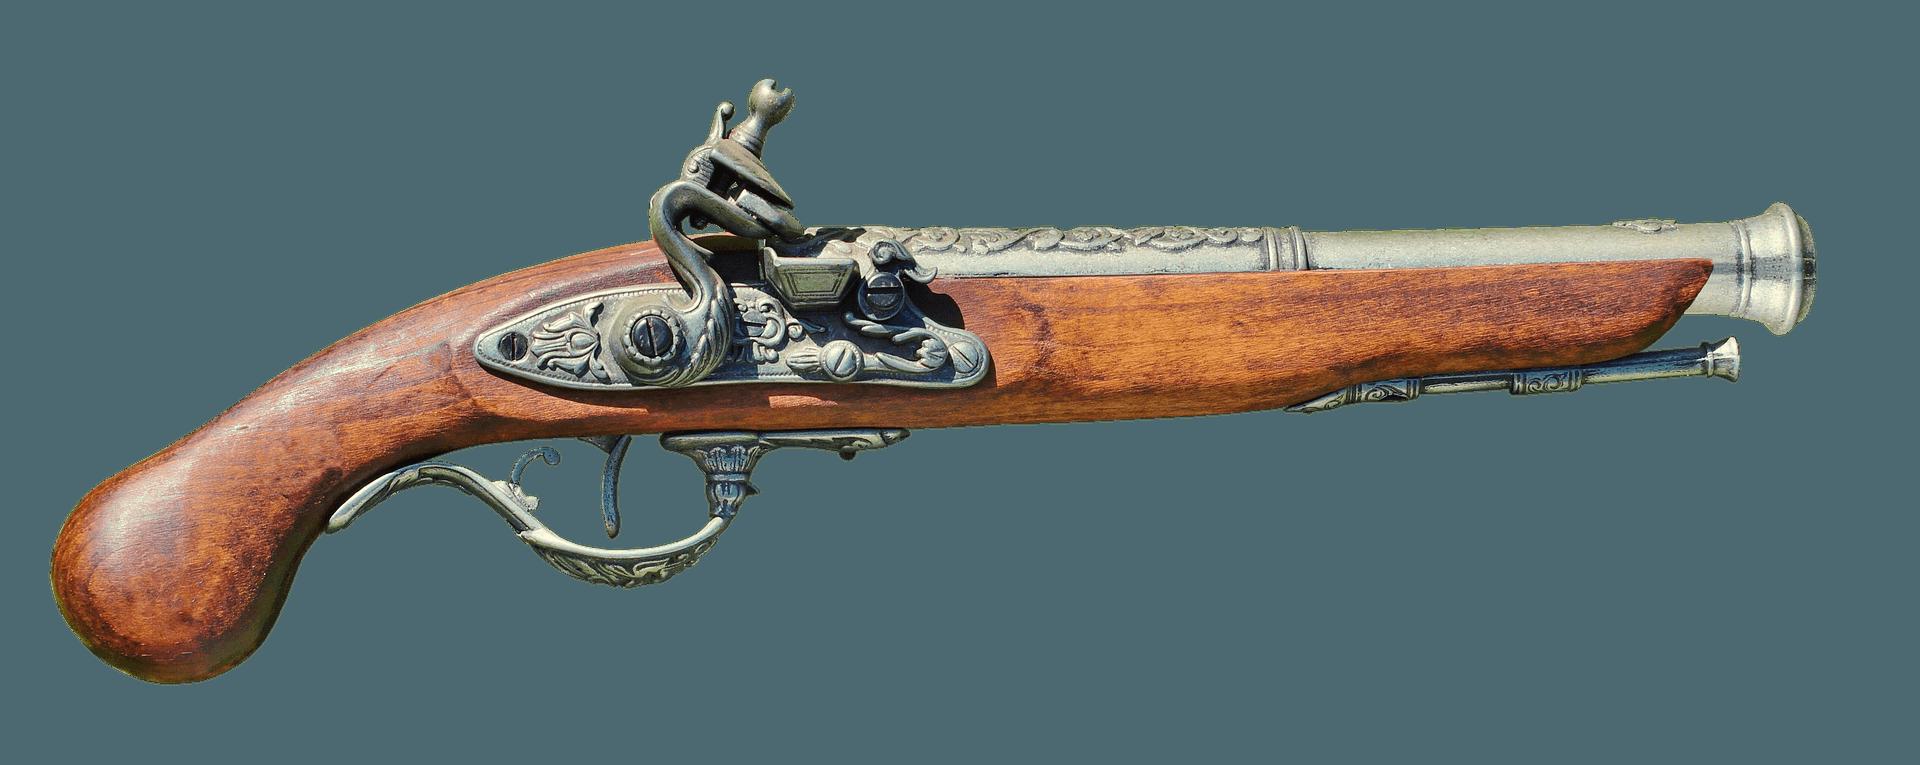 Unerlaubter Besitz mehrerer Schußwaffen